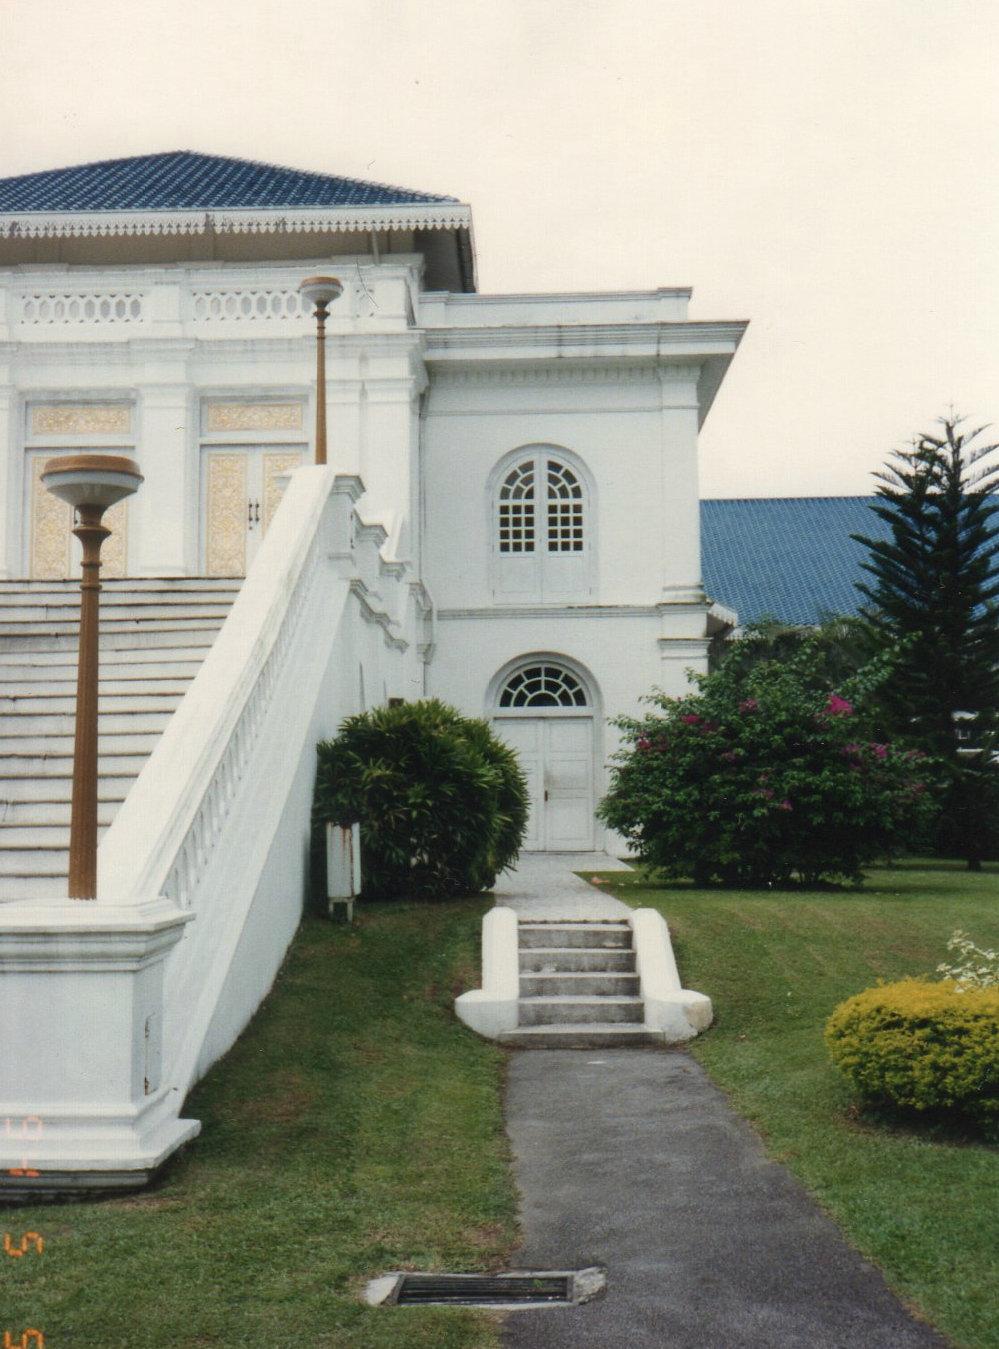 シンガポール1994年5月5日 ジョホー ルバル・サルタン王宮185③-1